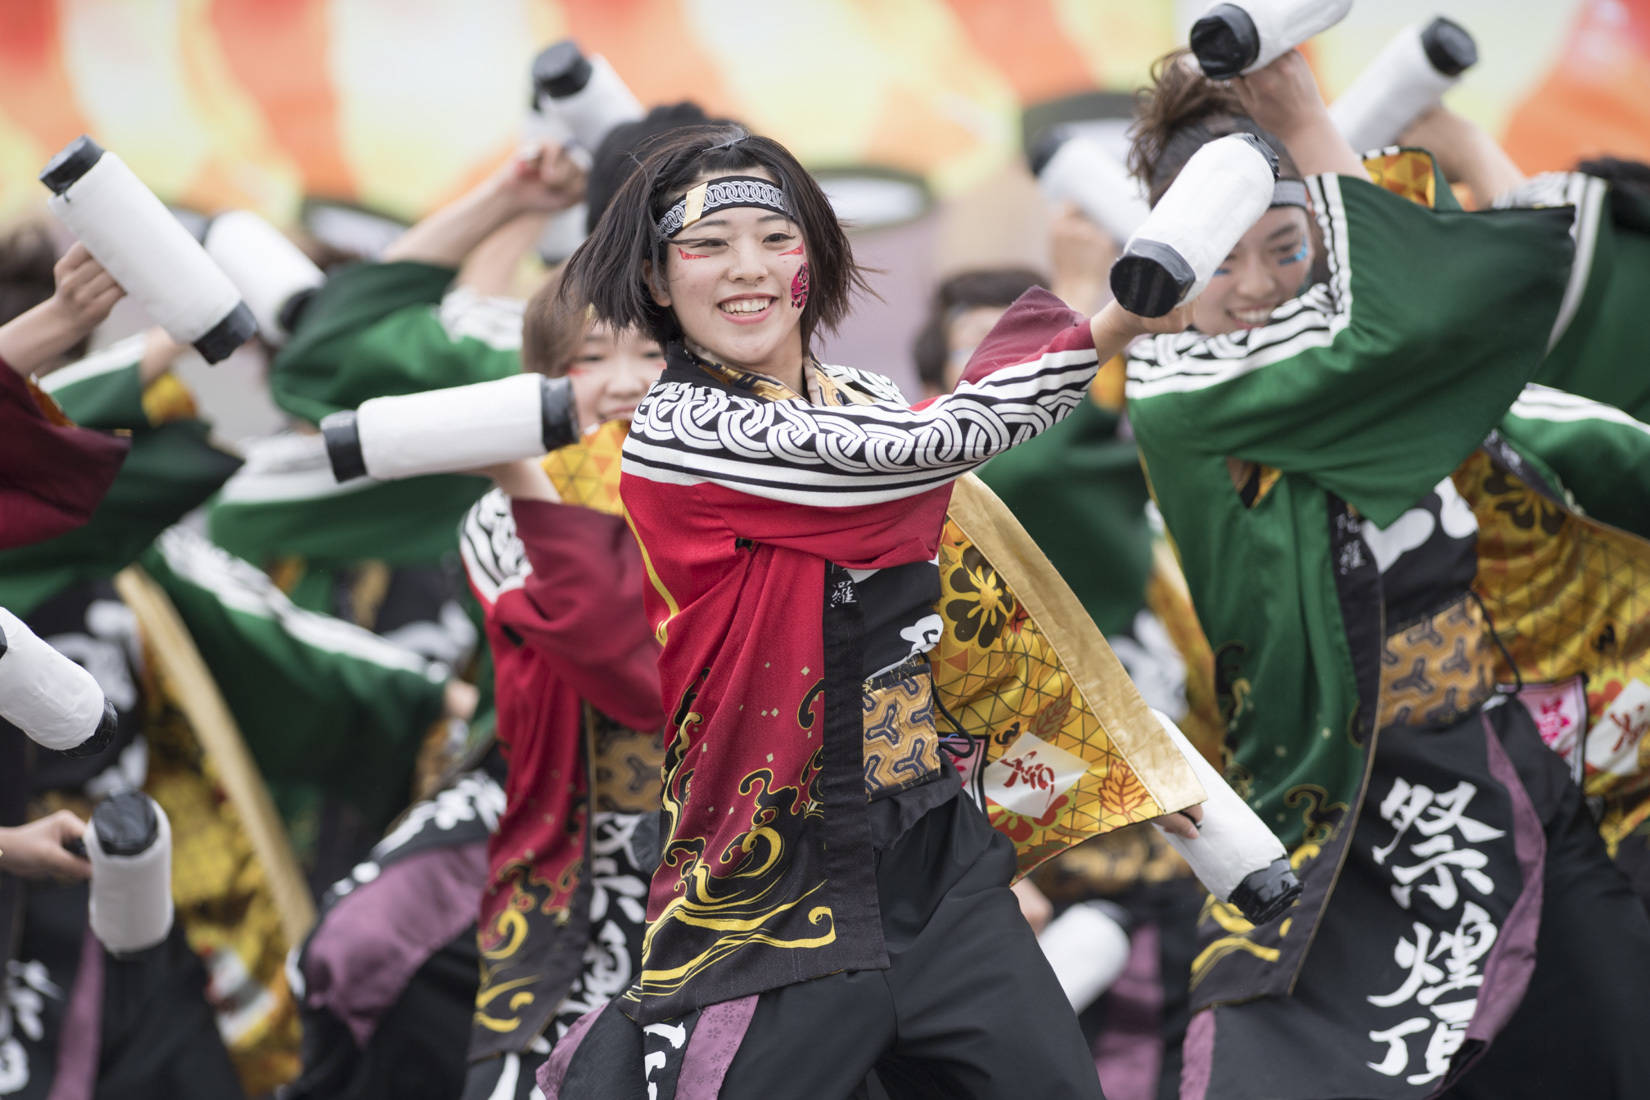 2019 犬山踊芸祭『浜松学生連 鰻陀羅』_f0184198_00141967.jpg